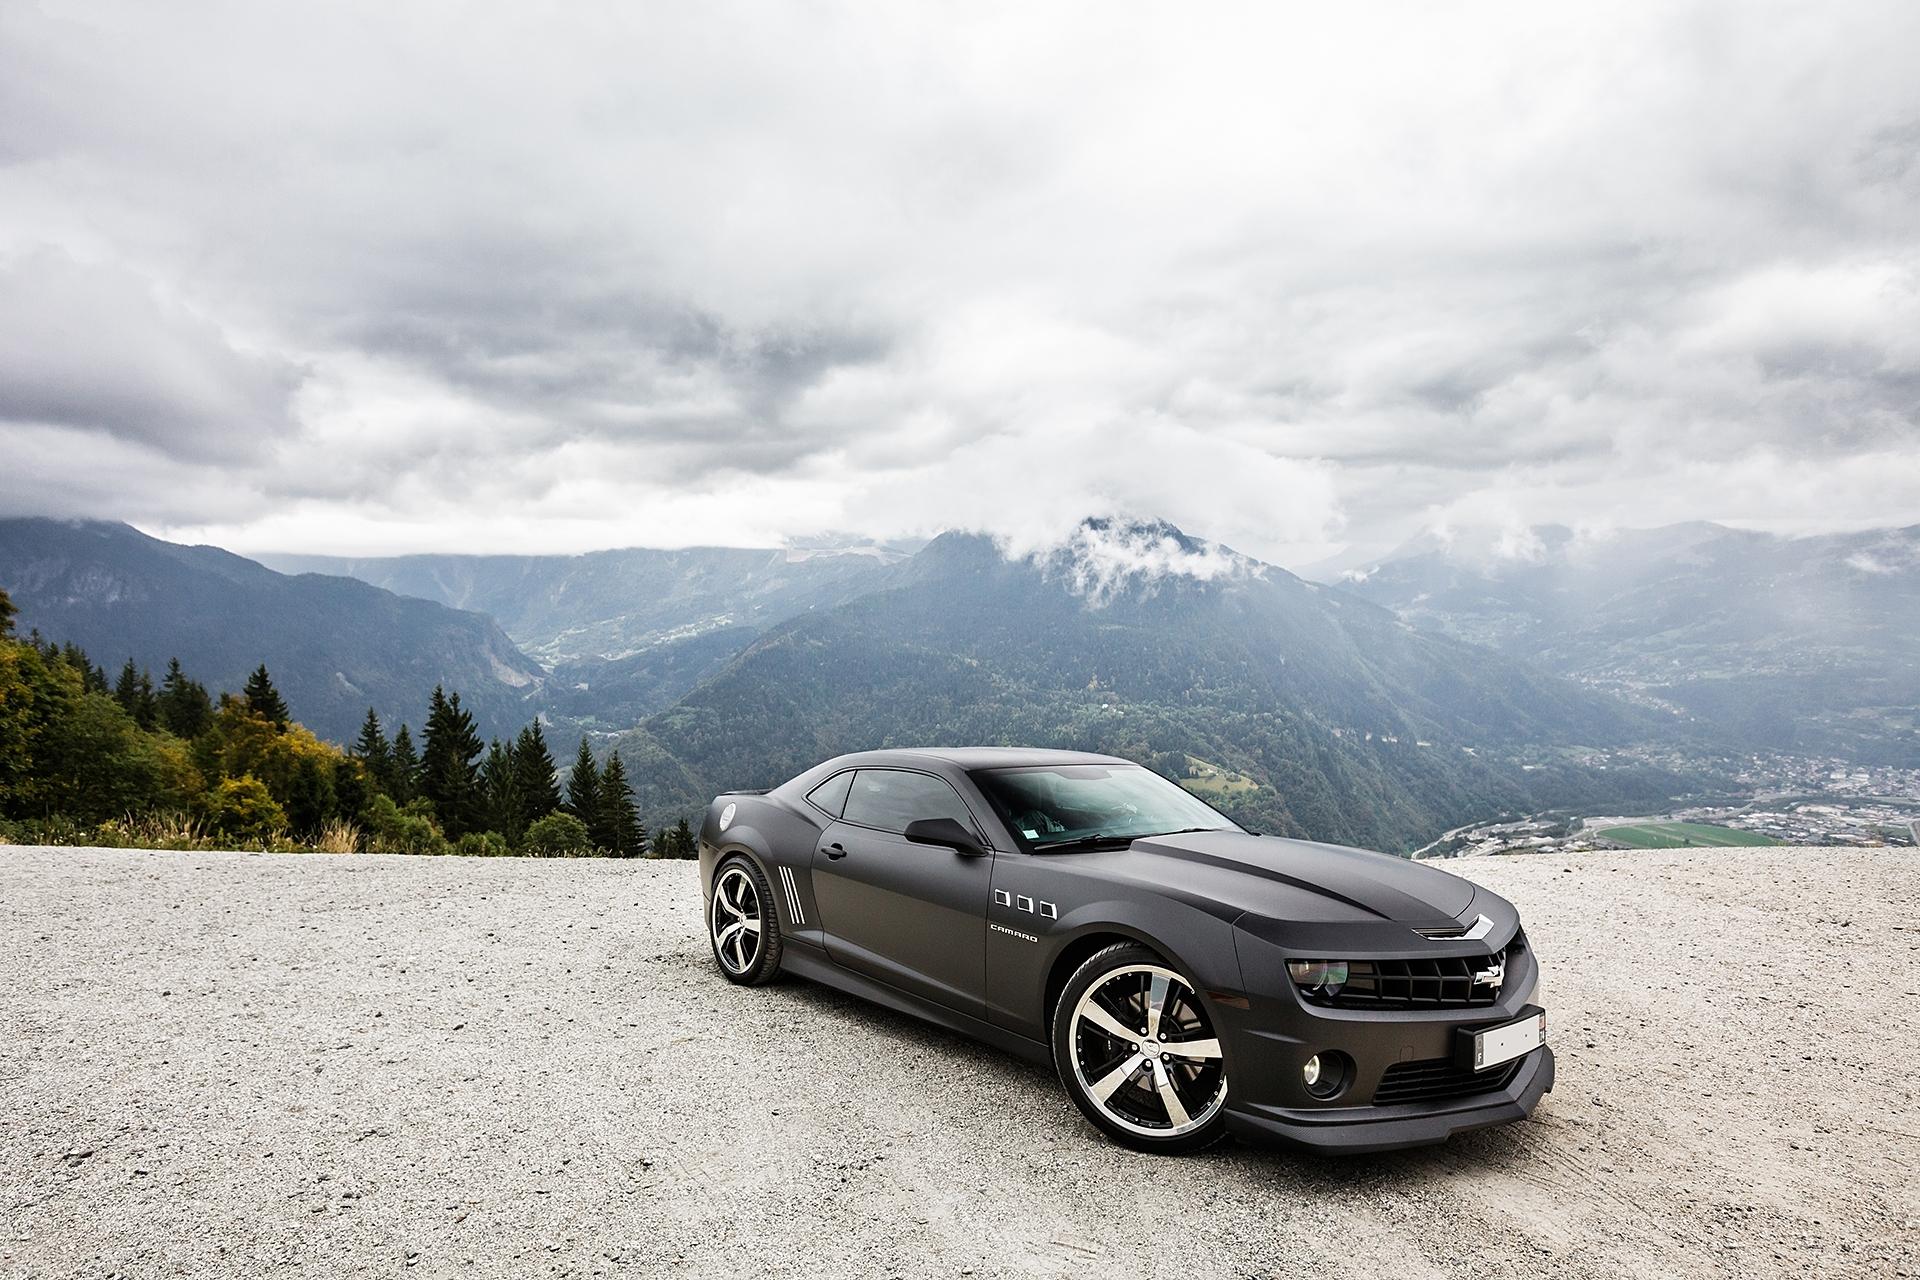 80216 скачать обои Тачки (Cars), Шевроле (Chevrolet), Camaro Ss, Шевроле, Камаро Сс, Чёрный, Небо, Тучи, Горы - заставки и картинки бесплатно